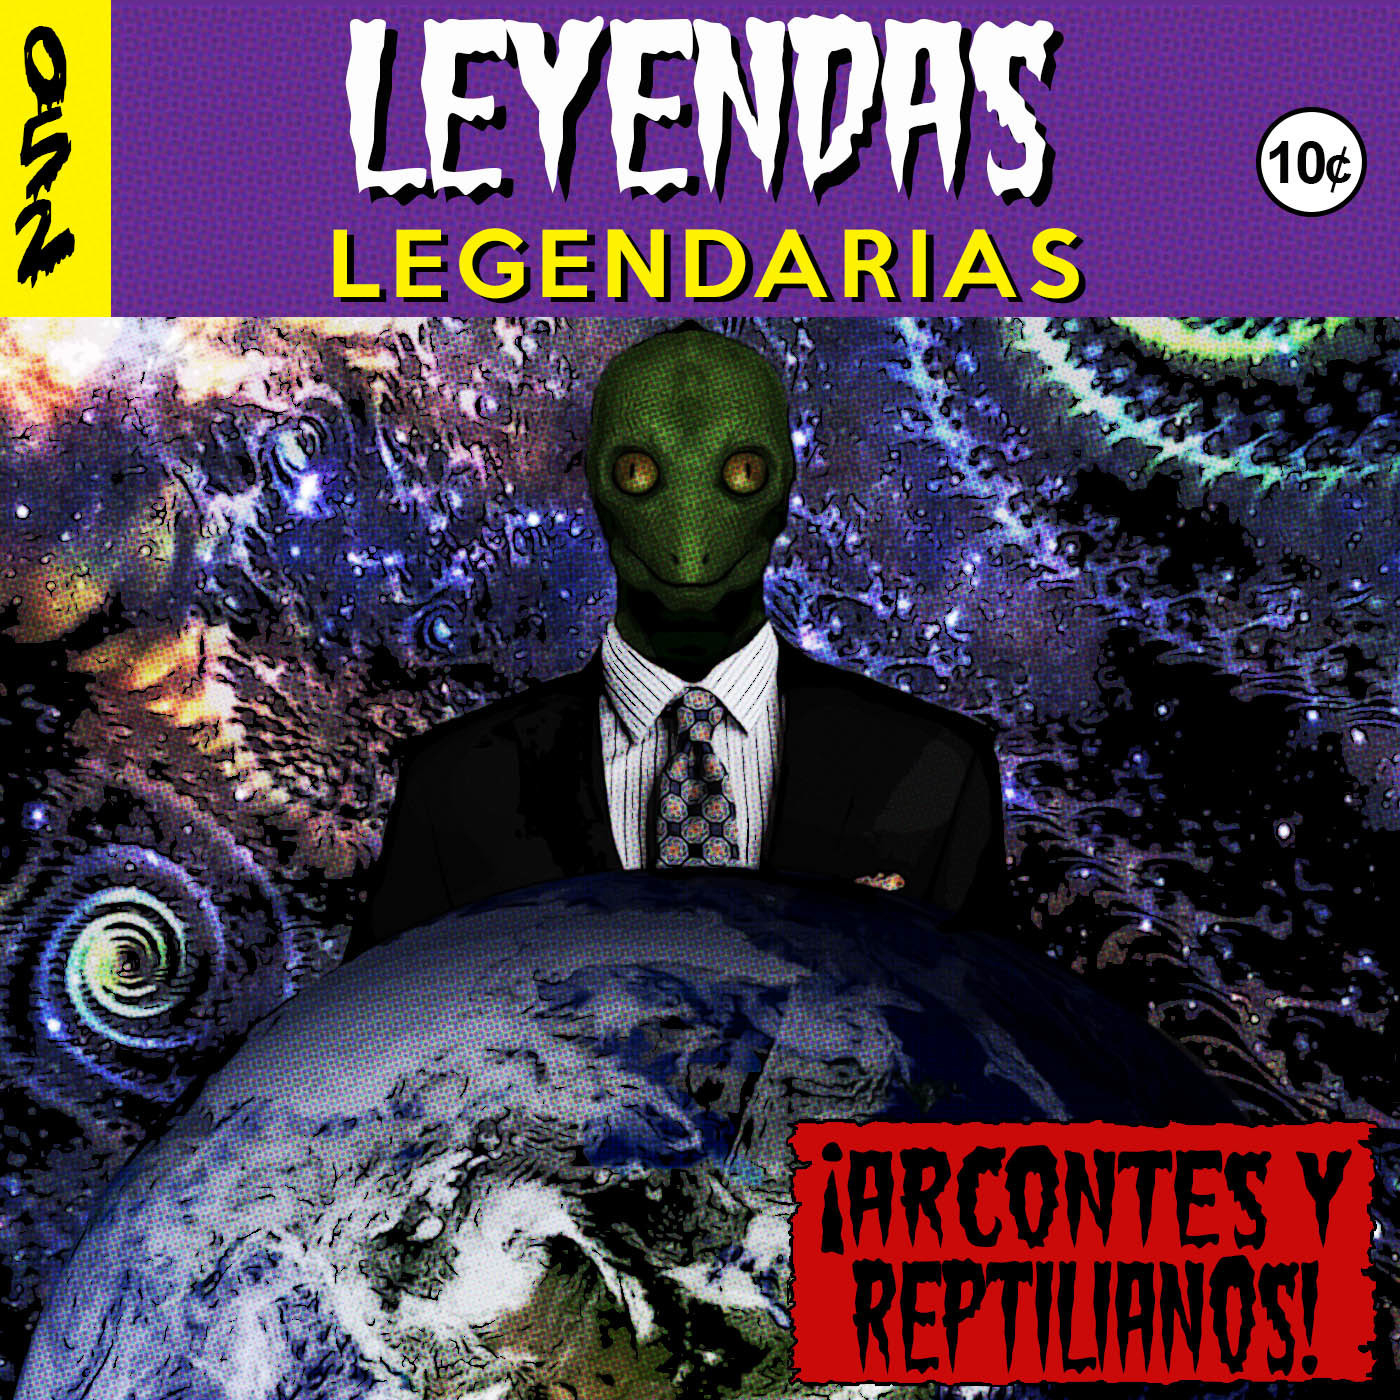 E52: Arcontes y Reptilianos (con Mario Capistrán)